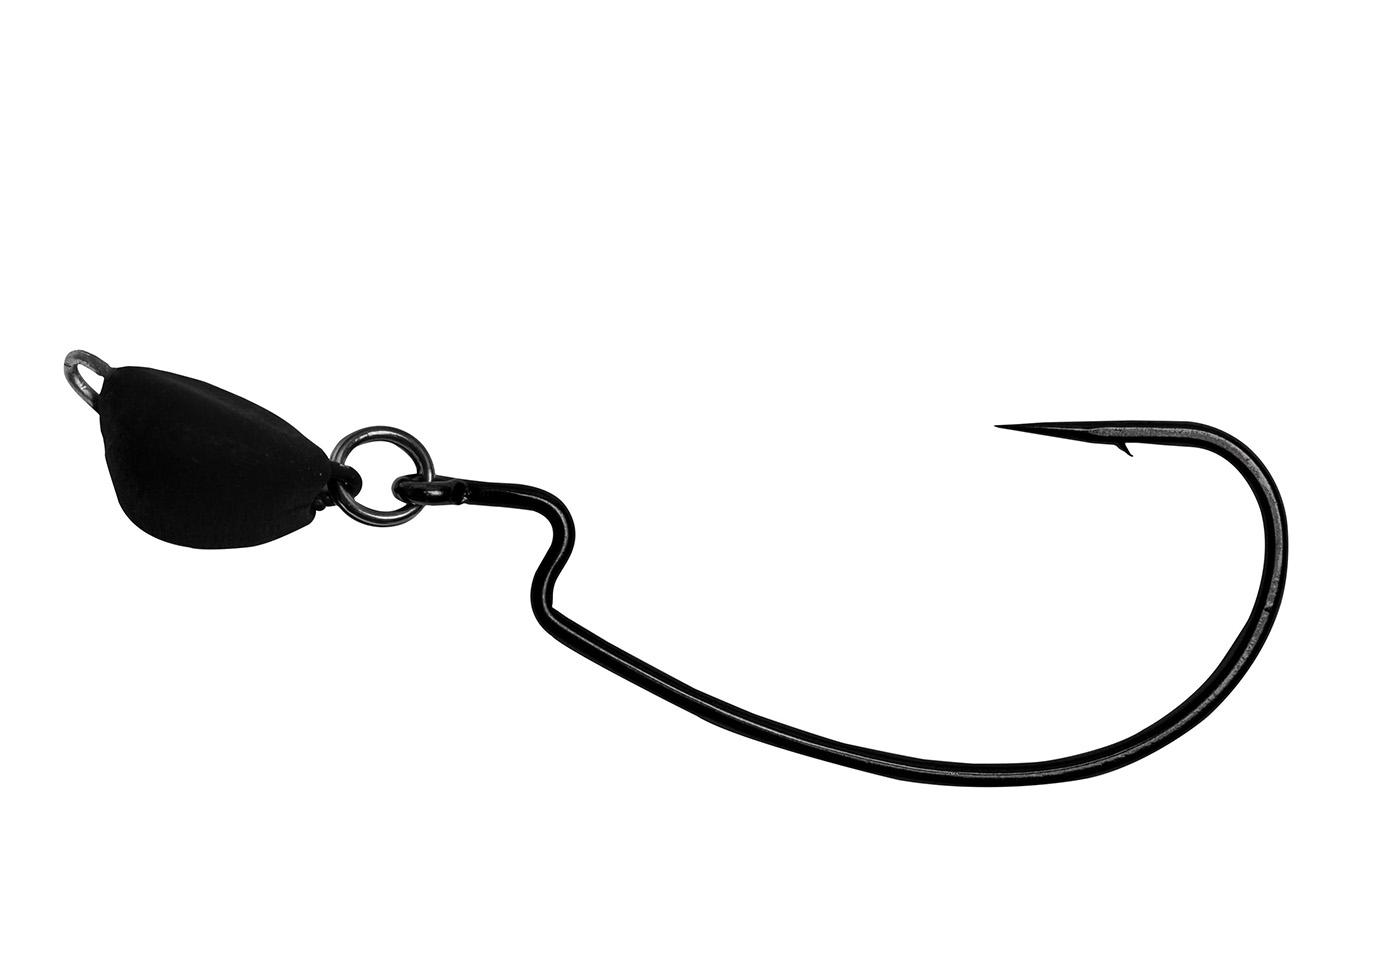 3//8OZ MATTE BLACK 3 PACKS OF OWNER PIVOT HEAD WEEDLESS HOOKS 4104-065